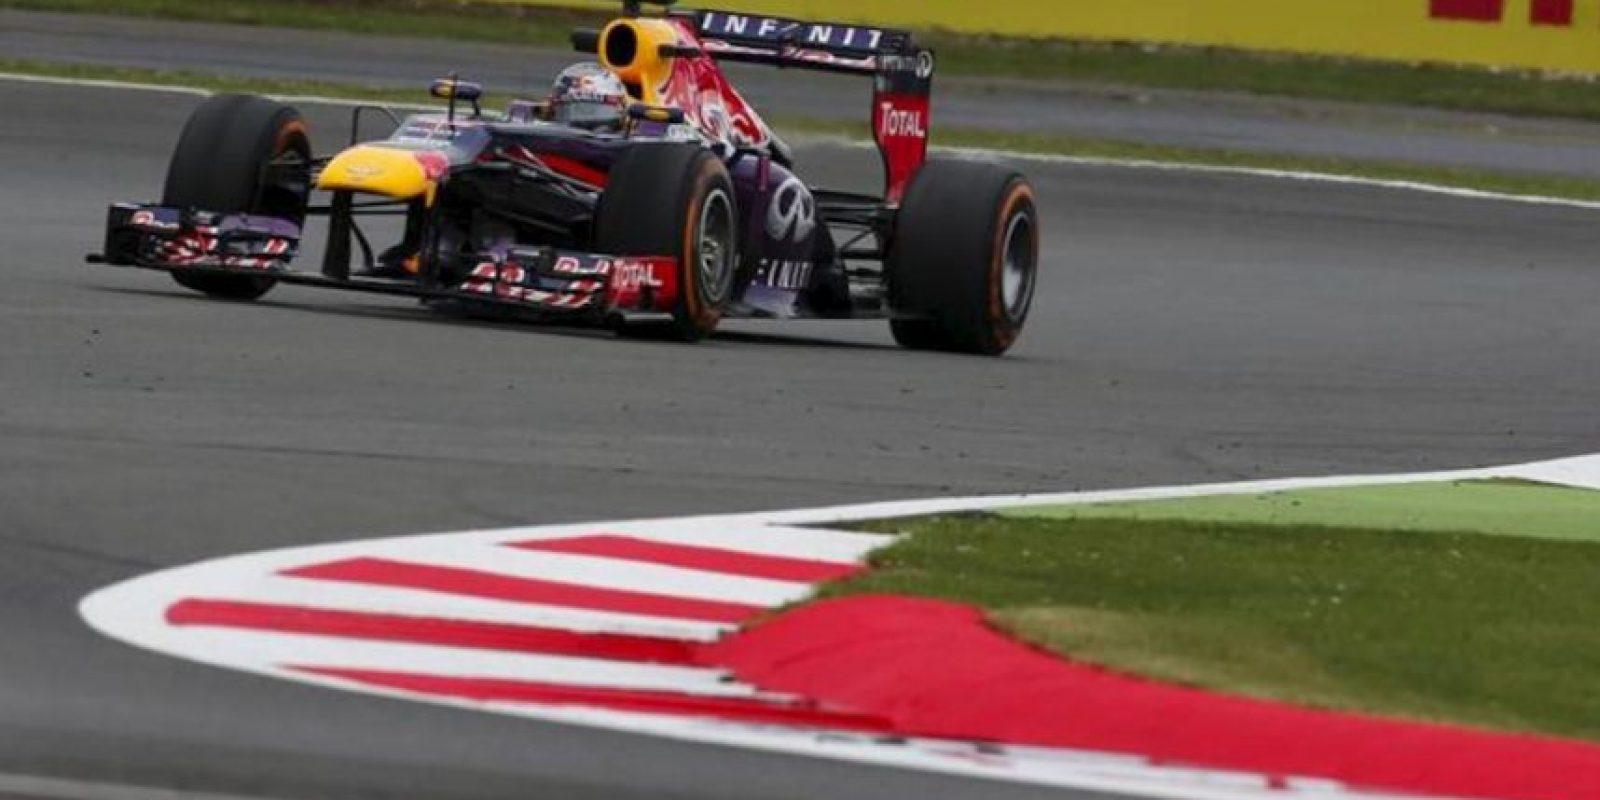 El piloto alemán Sebastian Vettel, de Red Bull Racing, conduce su monoplaza durante la segunda sesión de entrenamientos libres para el Gran Premio de Gran Bretaña de Fórmula Uno. EFE